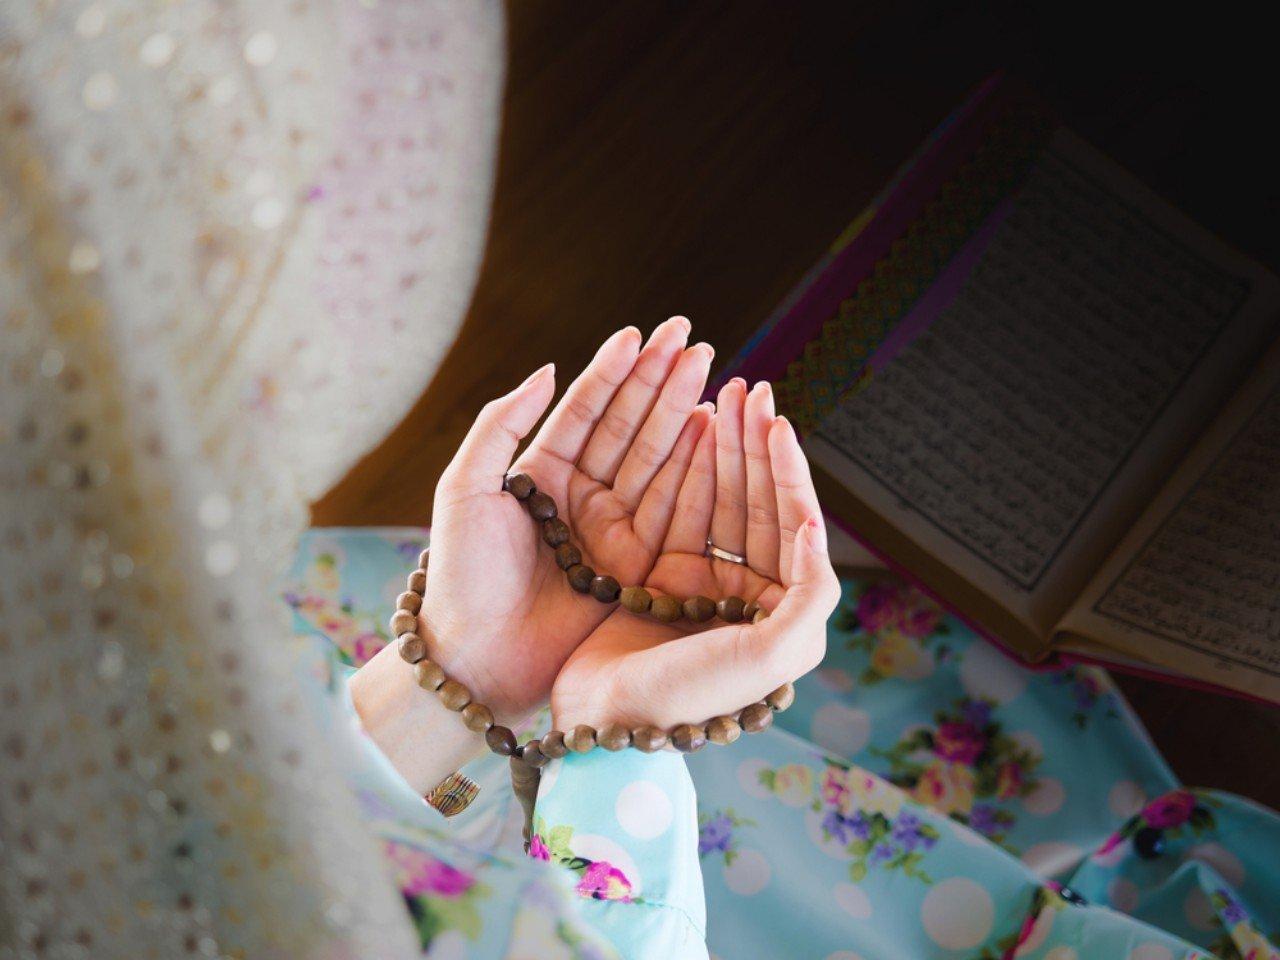 صورة حلمت اني ادعي الله في المنام , تفسير الدعاء في المنام